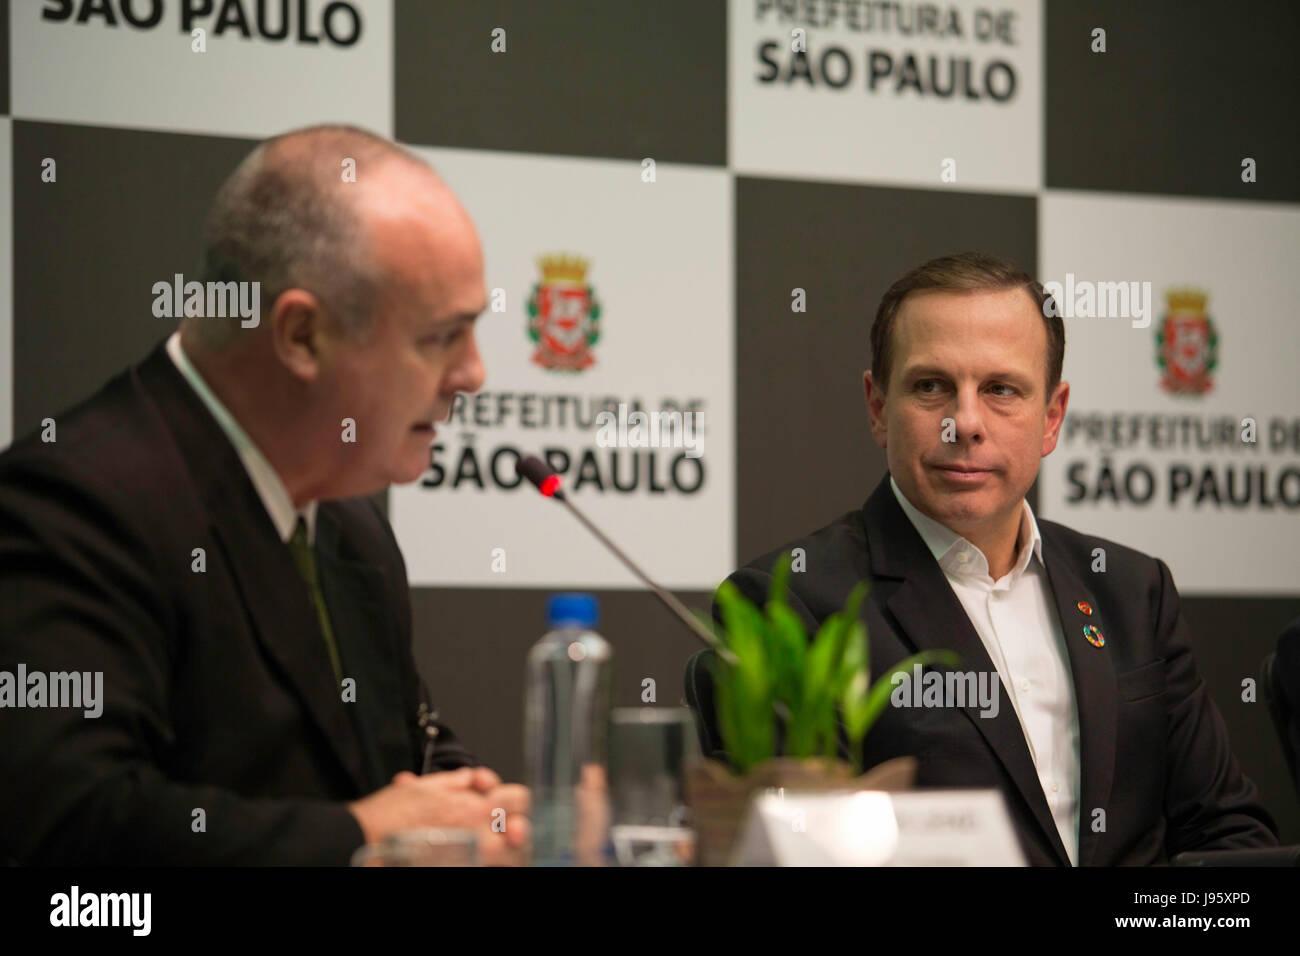 """SÃO PAULO, SP - 05.06.2017: PREFEITURA LANÇA PROJETO LINHAS VERDES - El alcalde Joao Doria junto al presidente de AES Eletropaulo Charles Lenzi durante una conferencia de prensa en la tarde de este lunes (05) en la sede de la municipalidad de la ciudad. Una asociación se ha firmado un acuerdo que permitirá la plantación de árboles en el marco de la """"líneas&quof el ele Eletropaulo. (Foto: Bruno Rocha/Fotoarena) Foto de stock"""